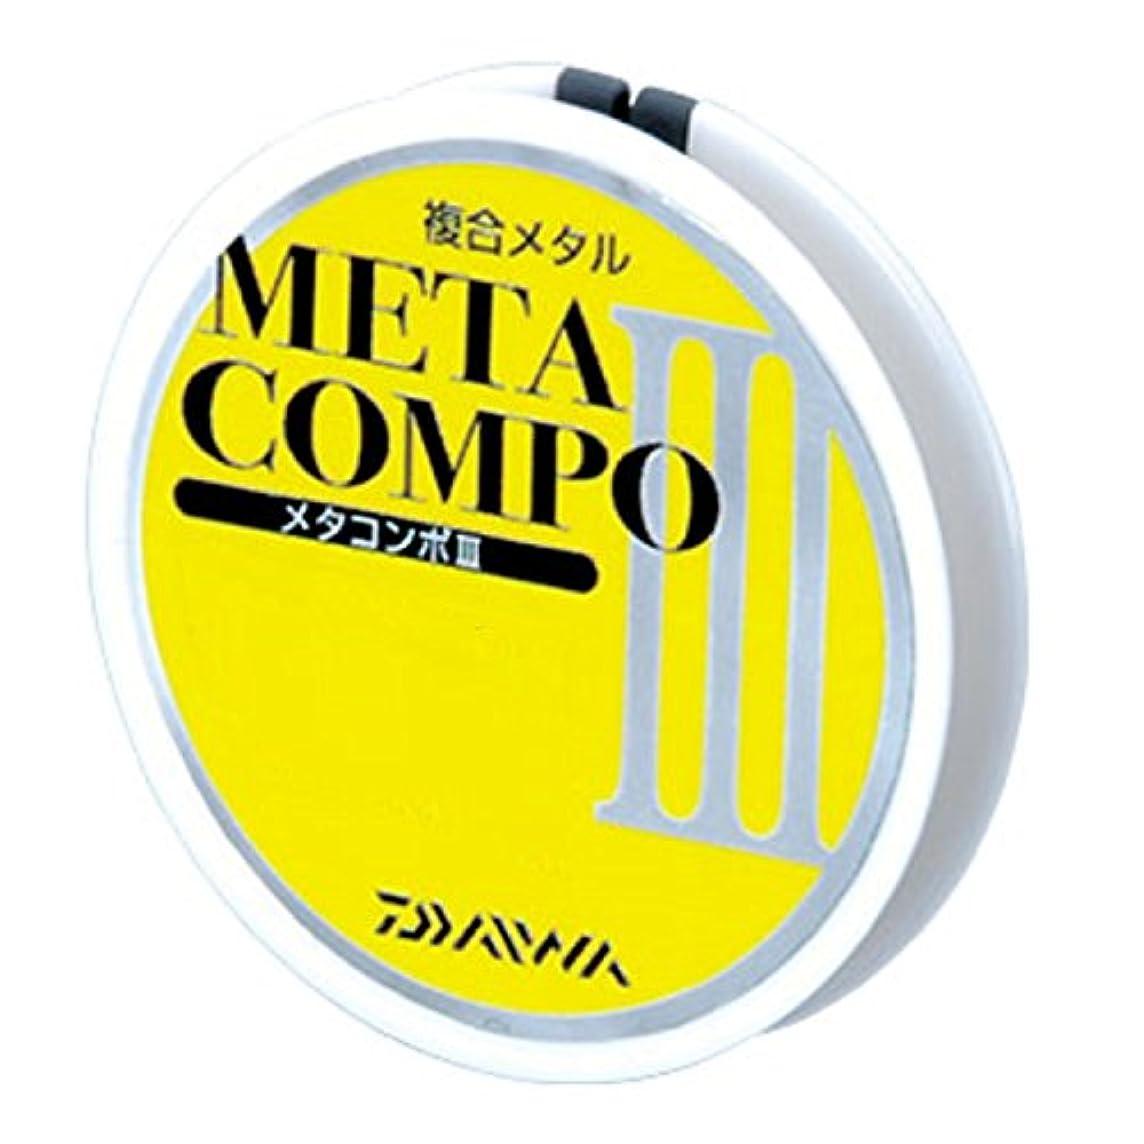 死一月報奨金ダイワ(Daiwa) メタルライン メタコンポIII 24m+1m 0.125号 イエロー